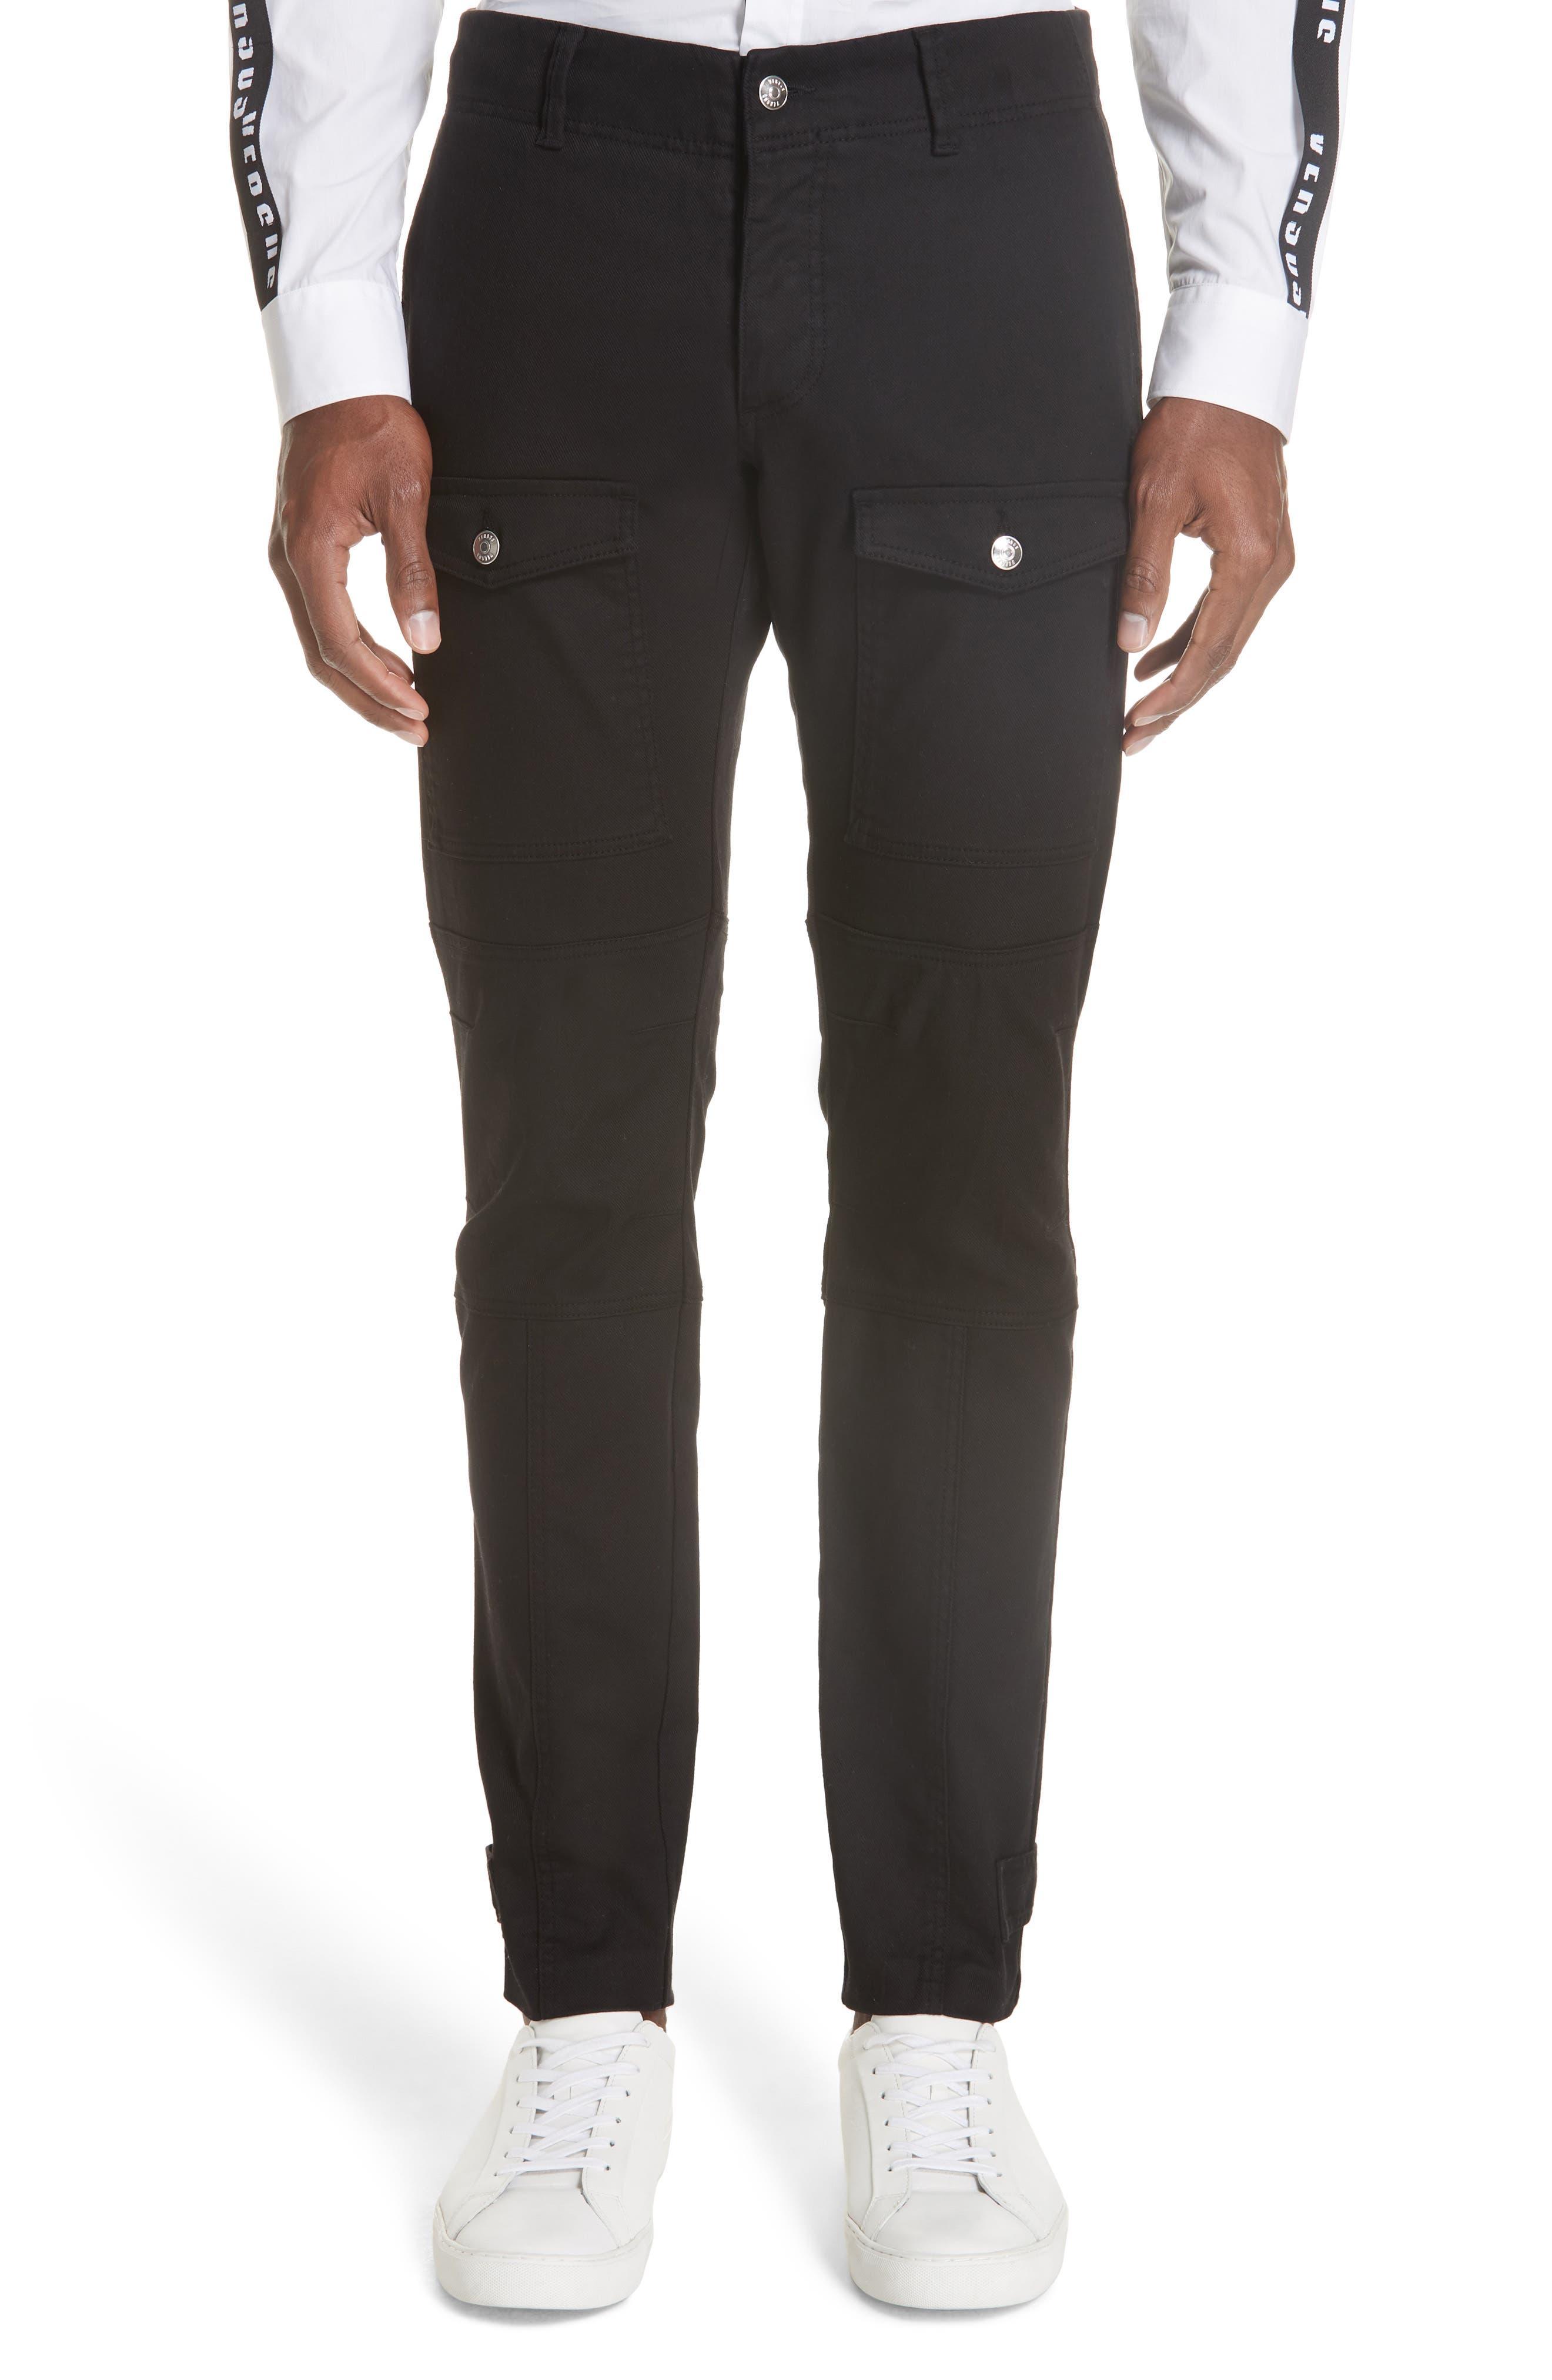 Versus Versace Denim Cargo Pants, Black